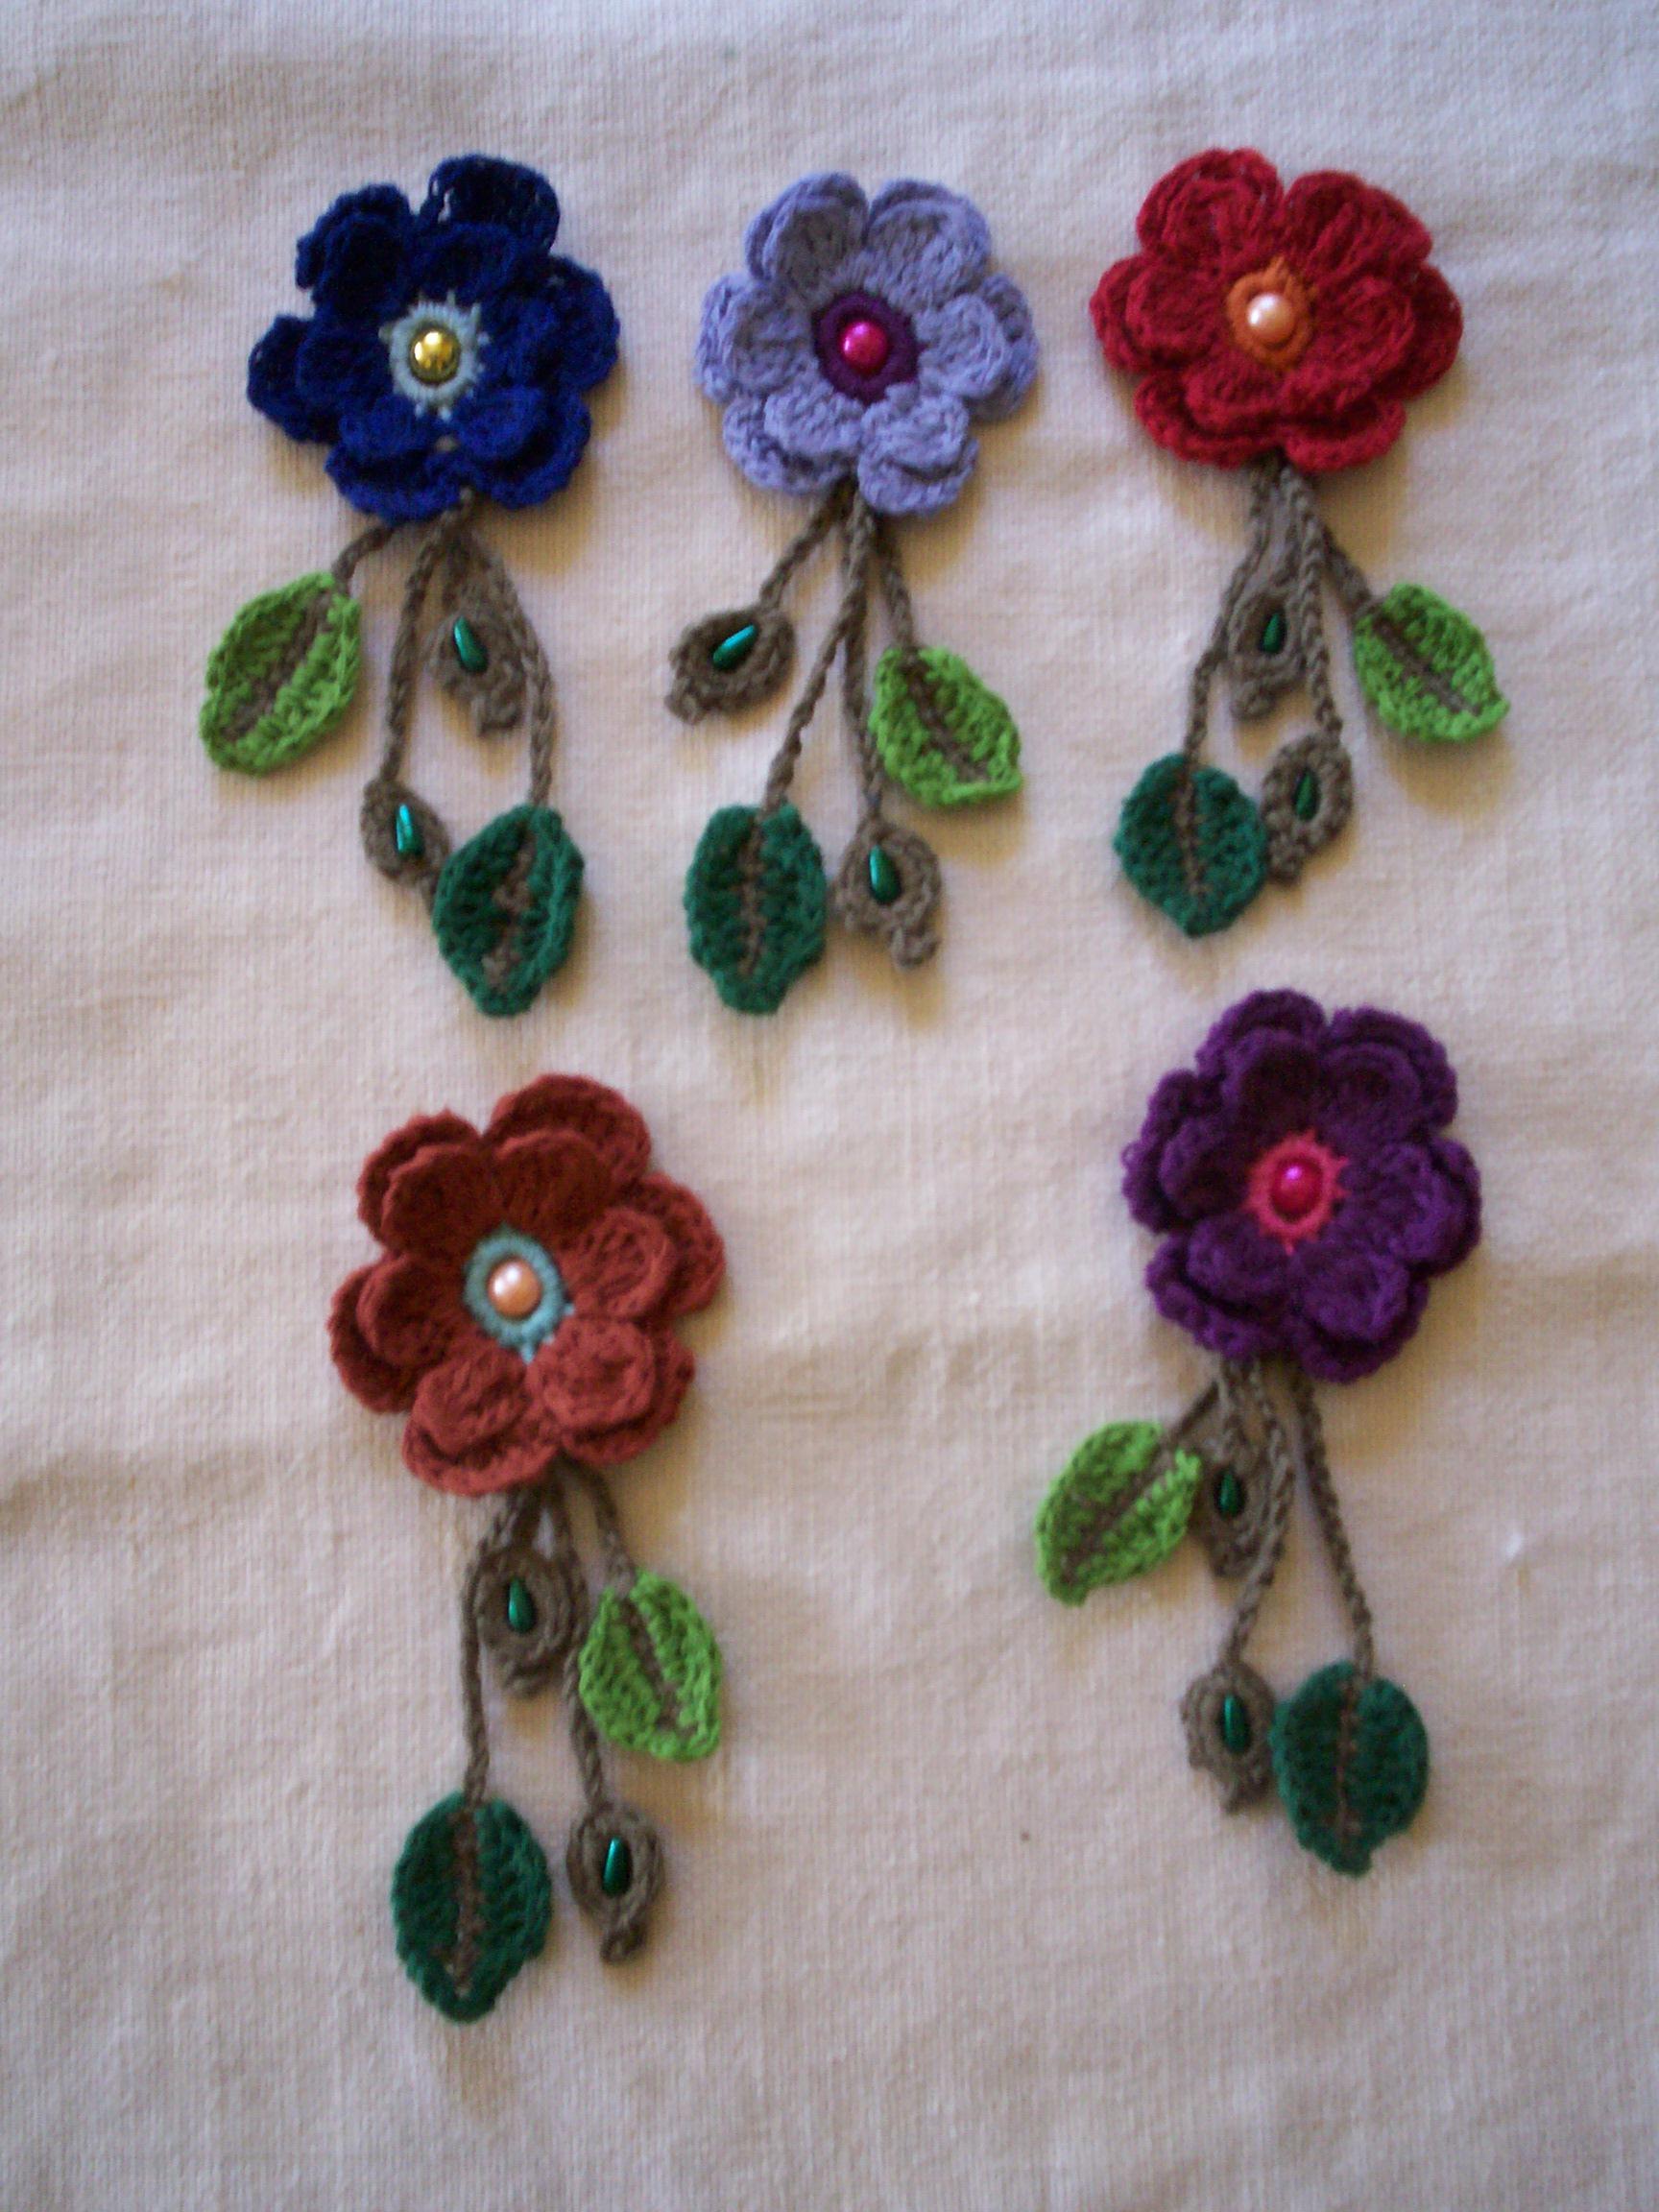 1609a4f74b507 Confección y diseño de accesorios tejidos a crochet